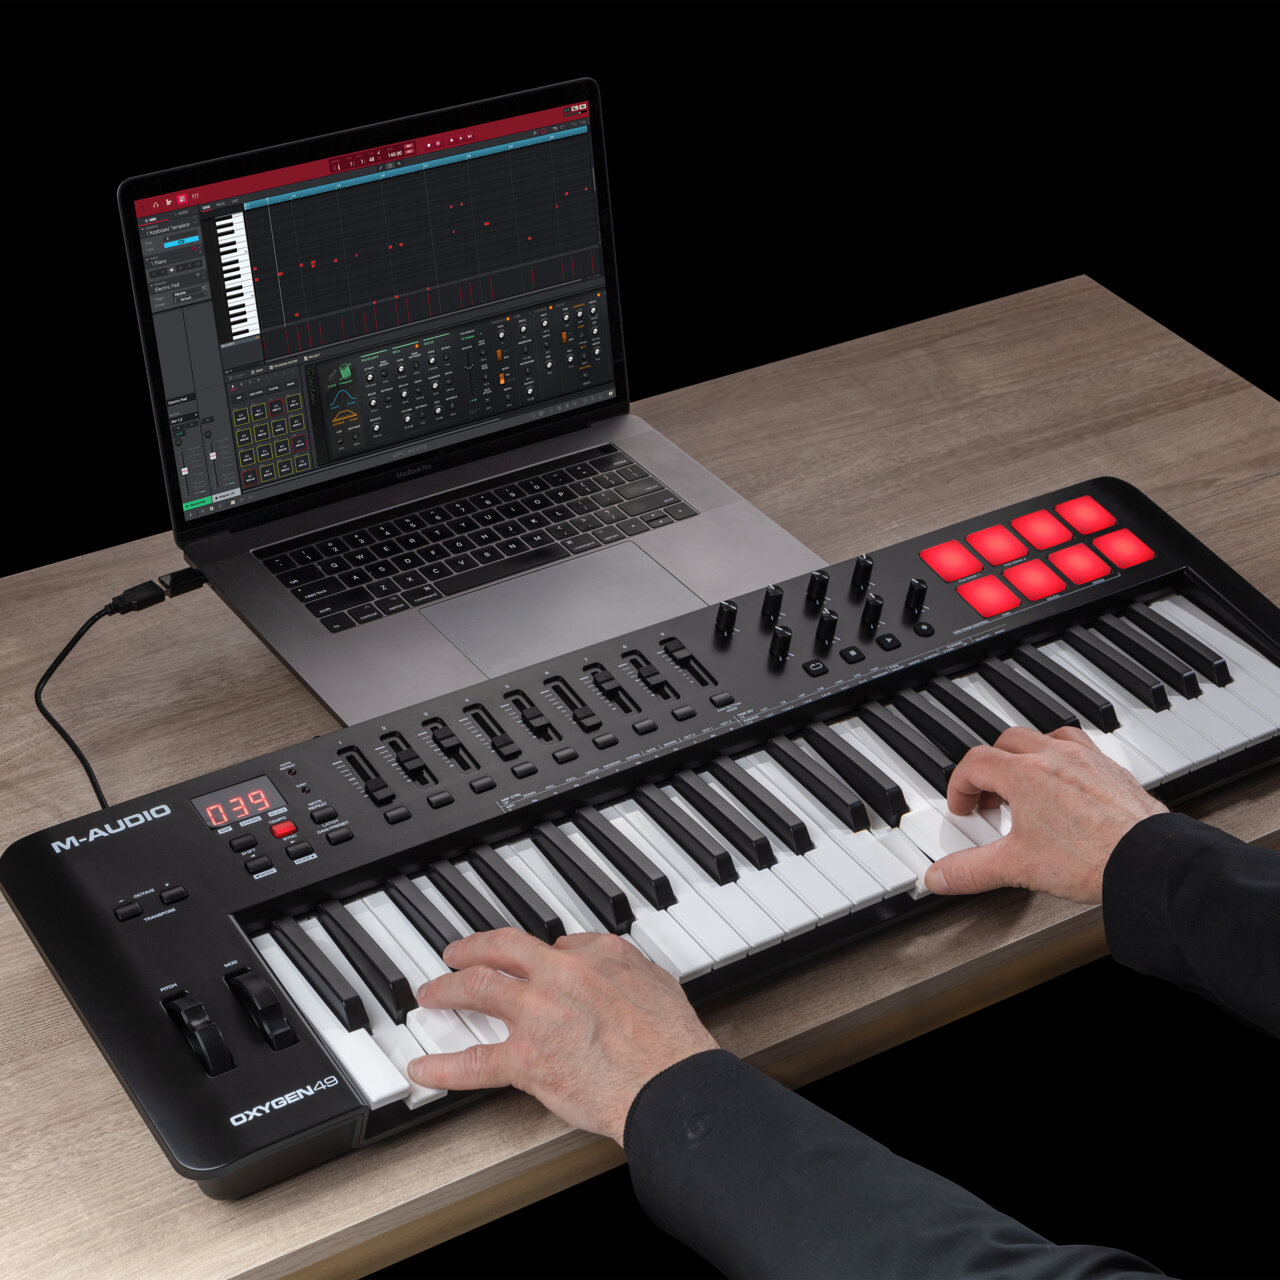 Ново поколение контролери Oxygen от M-Audio - Oxygen MKV